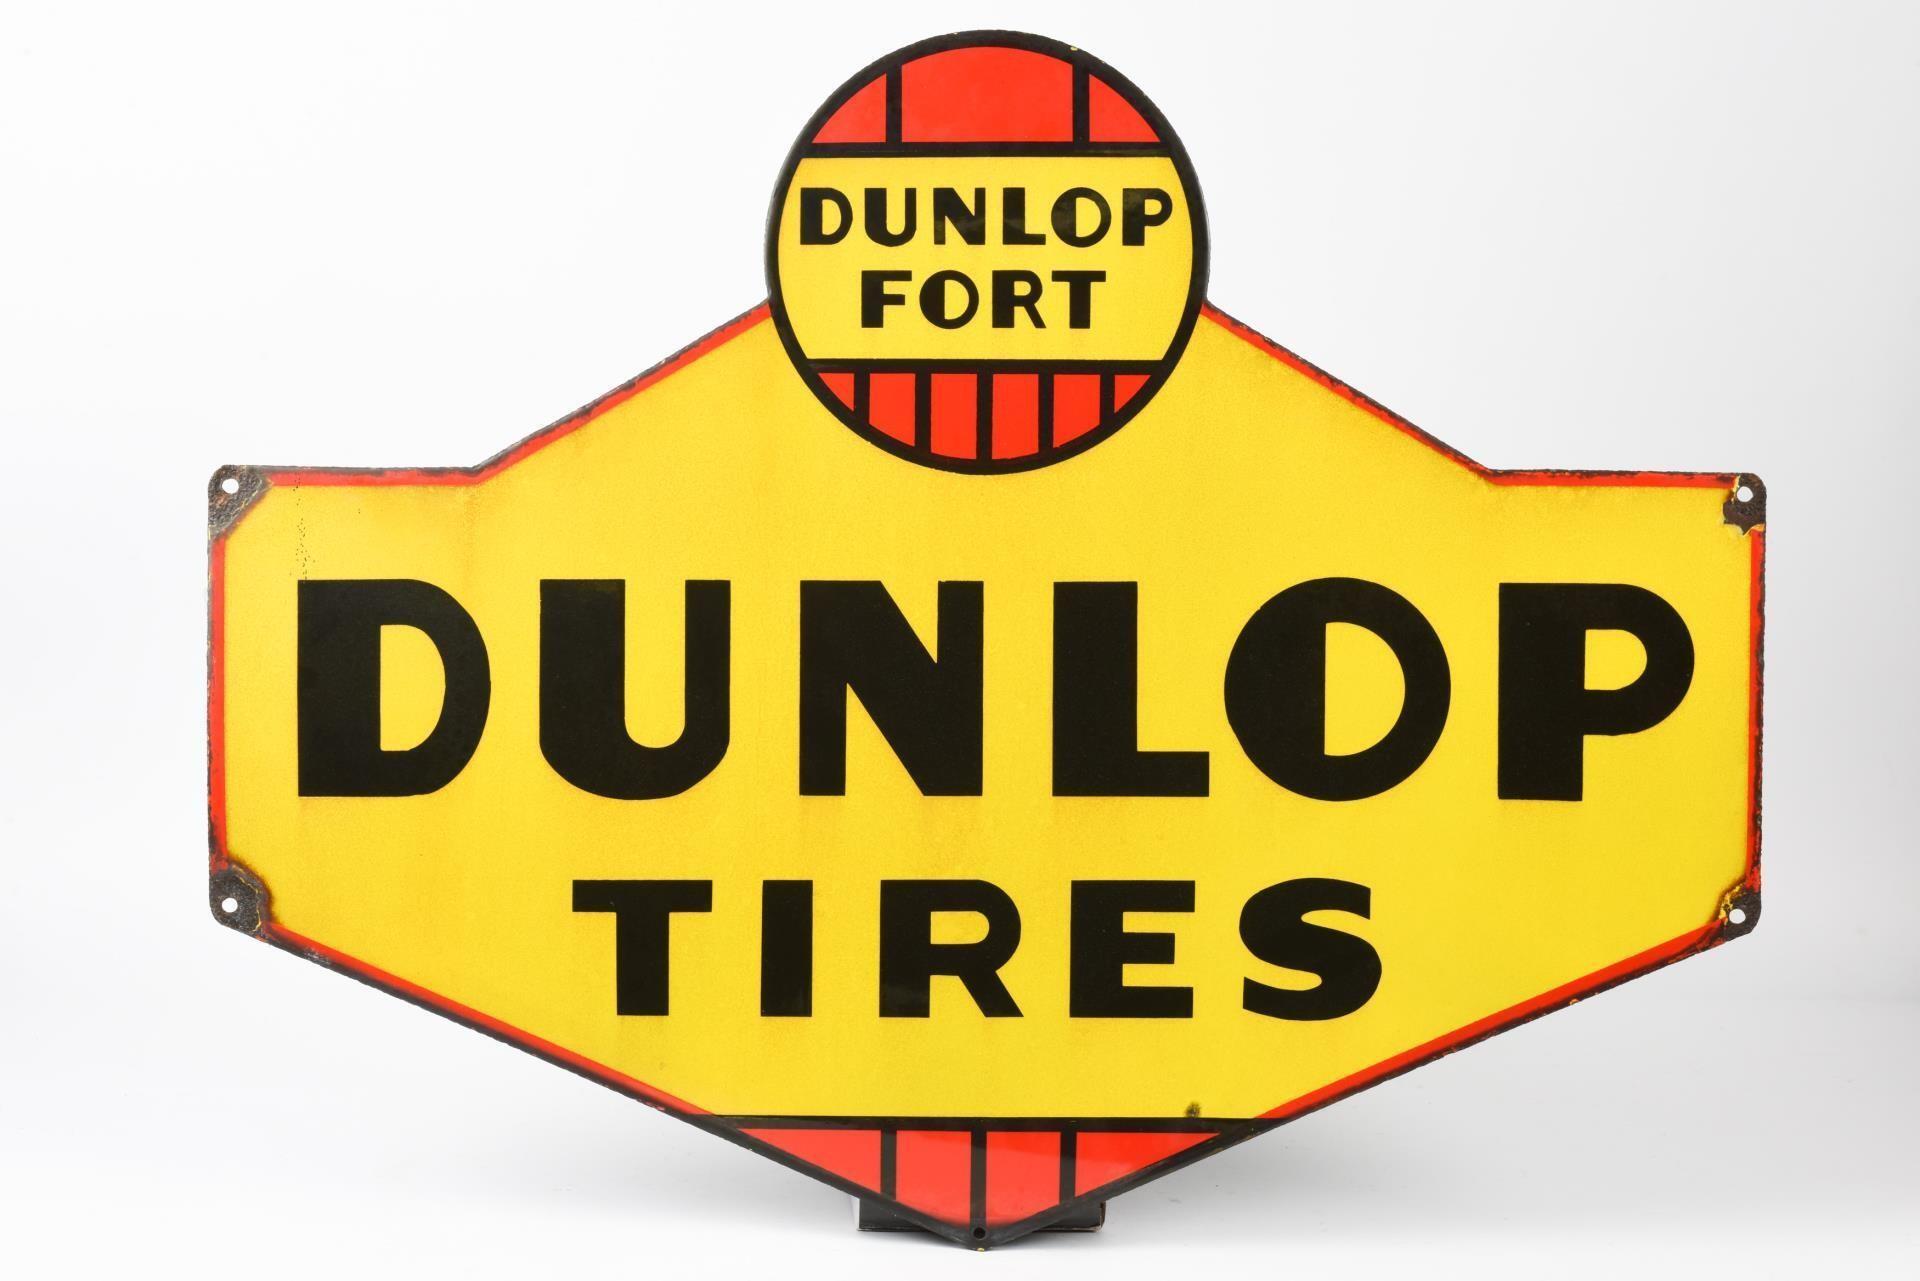 DUNLOP TIRES DUNLOP FORT SSP DIECUT SIGN